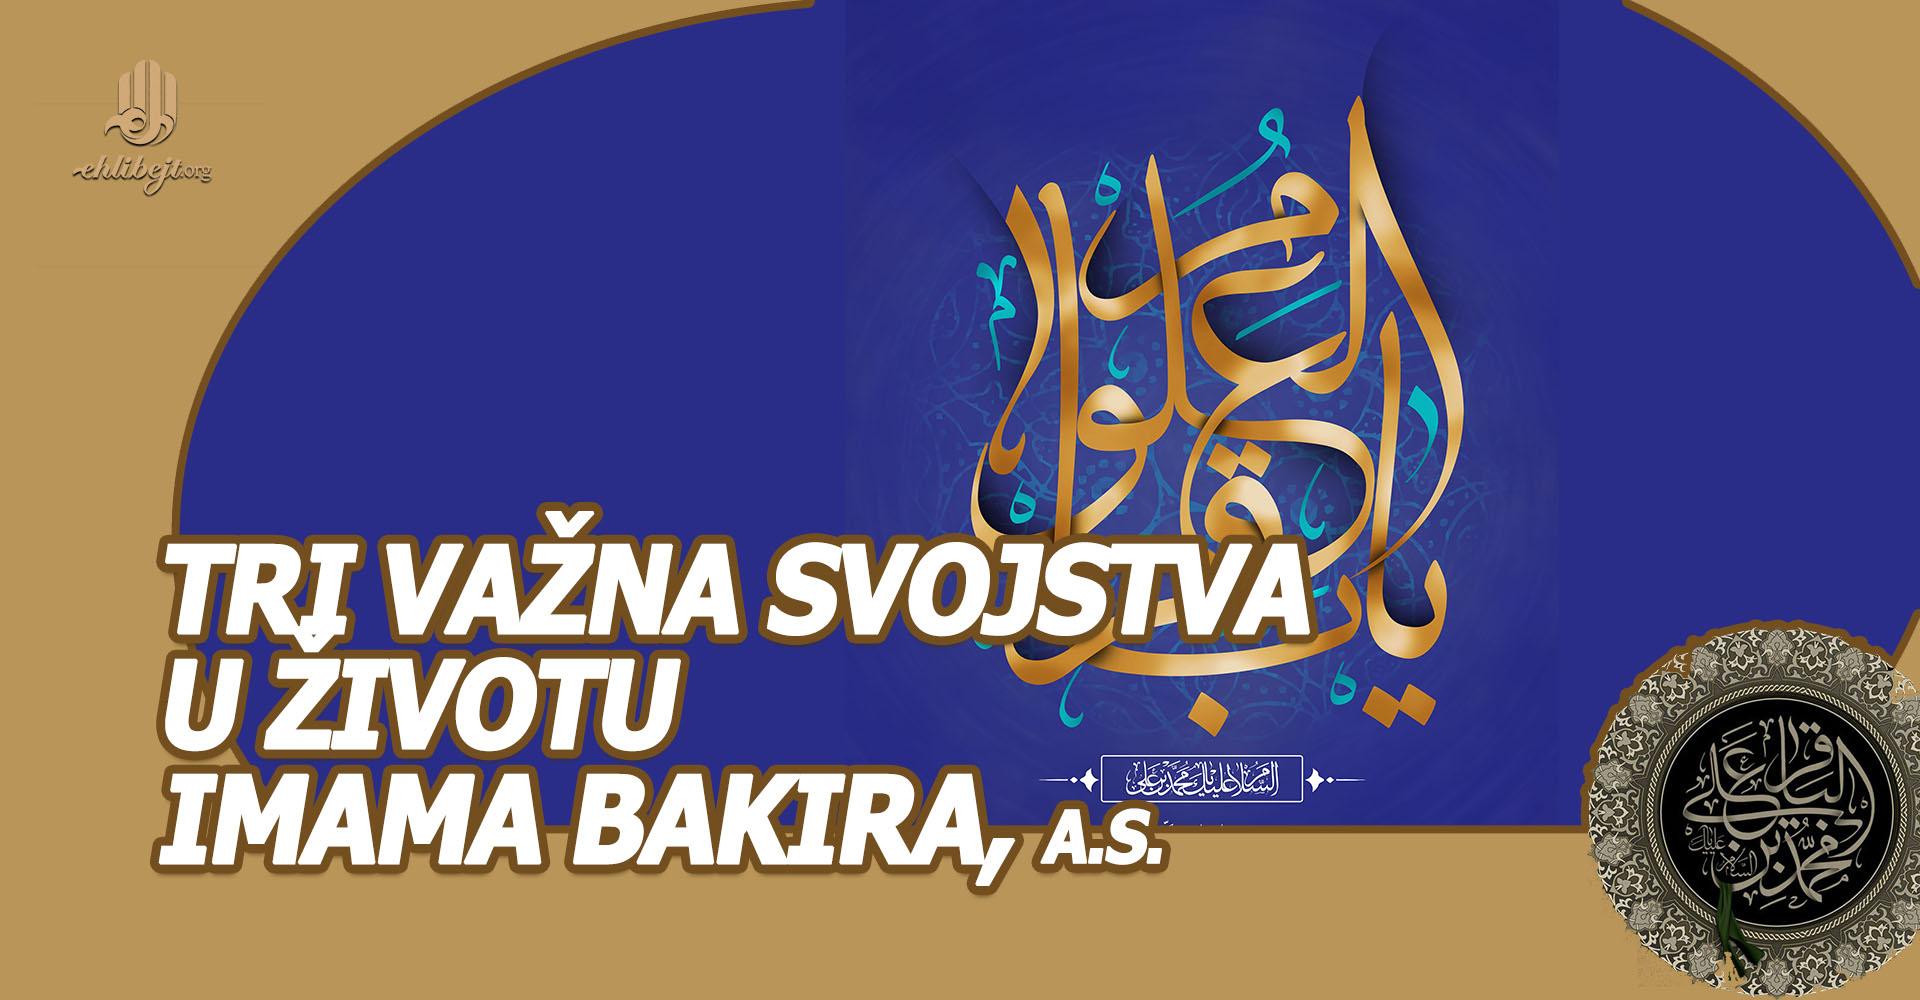 Tri važna svojstva u životu Imama Bakira, a.s.